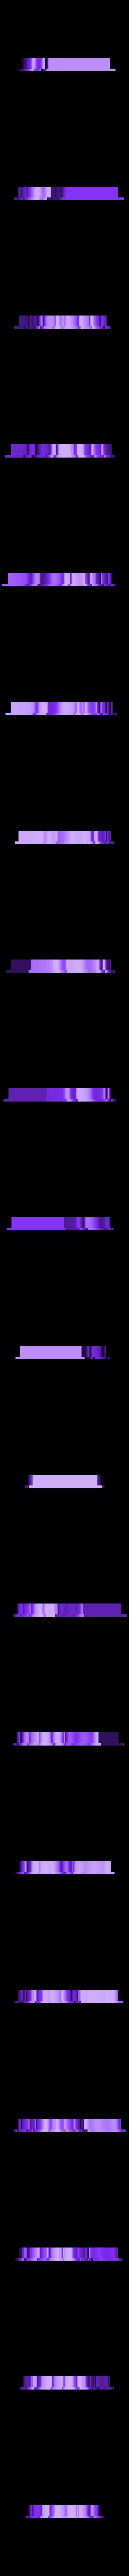 Puño de Hulk.stl Télécharger fichier STL gratuit Coupeur de biscuit hulk punch • Modèle pour imprimante 3D, insua_lucas